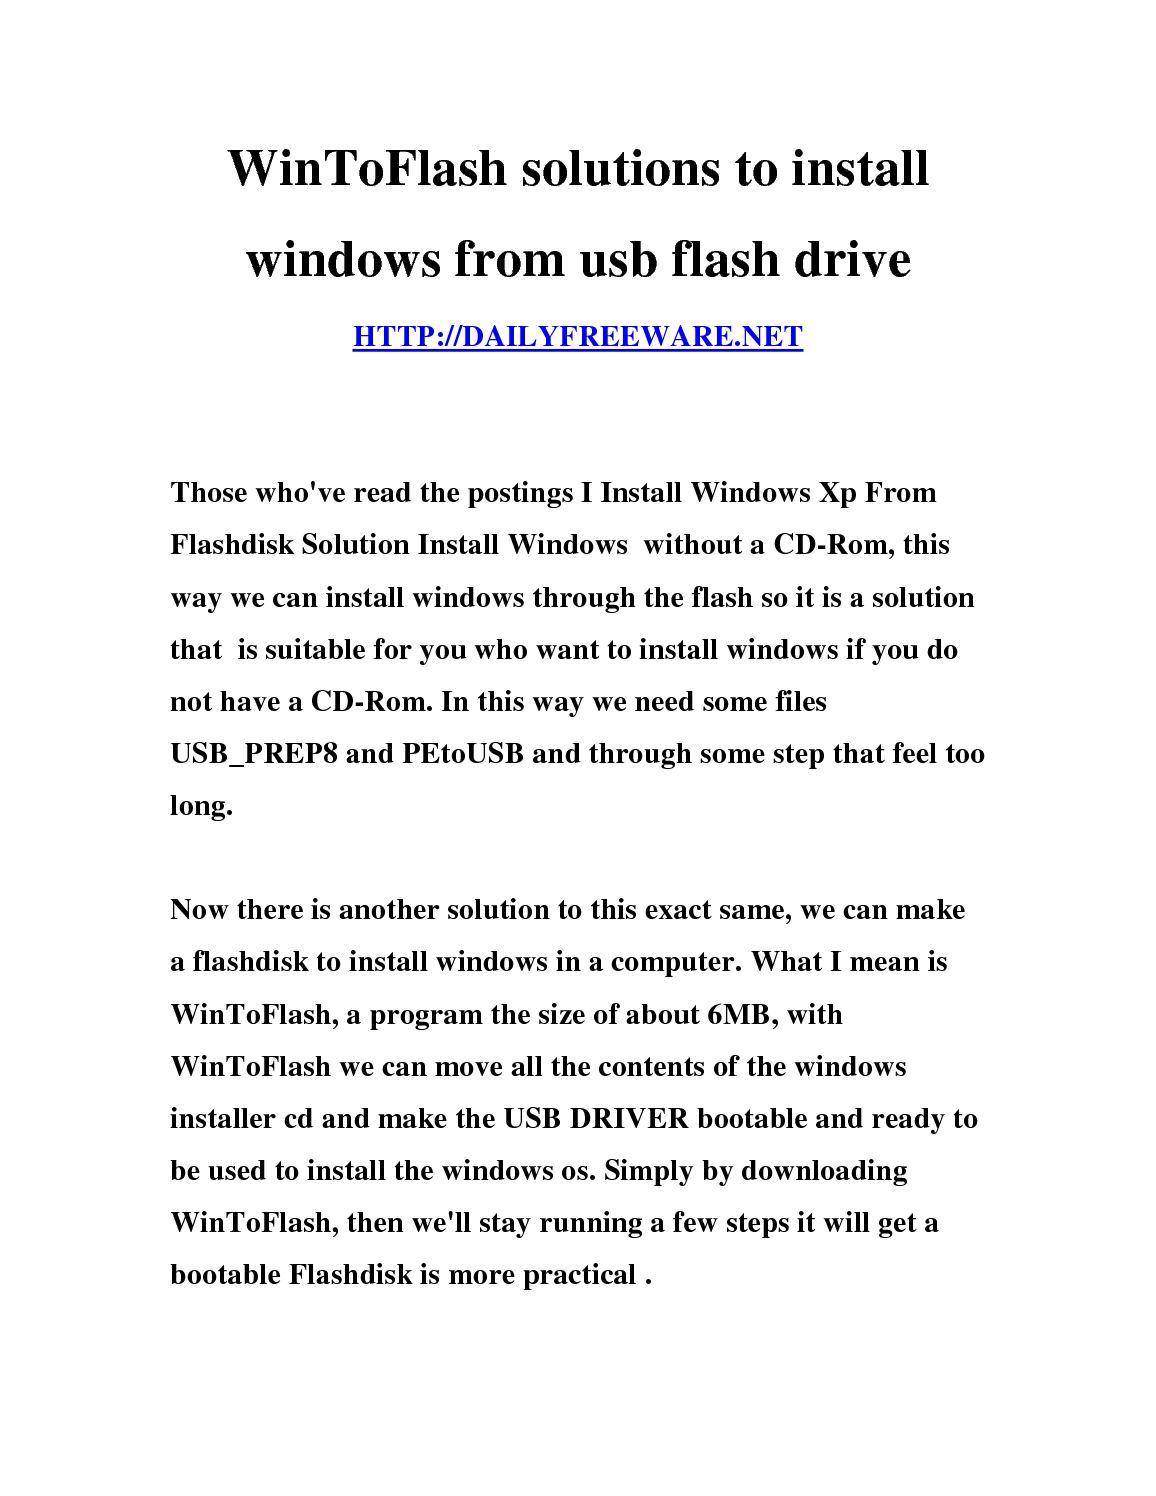 wintoflash windows xp usb